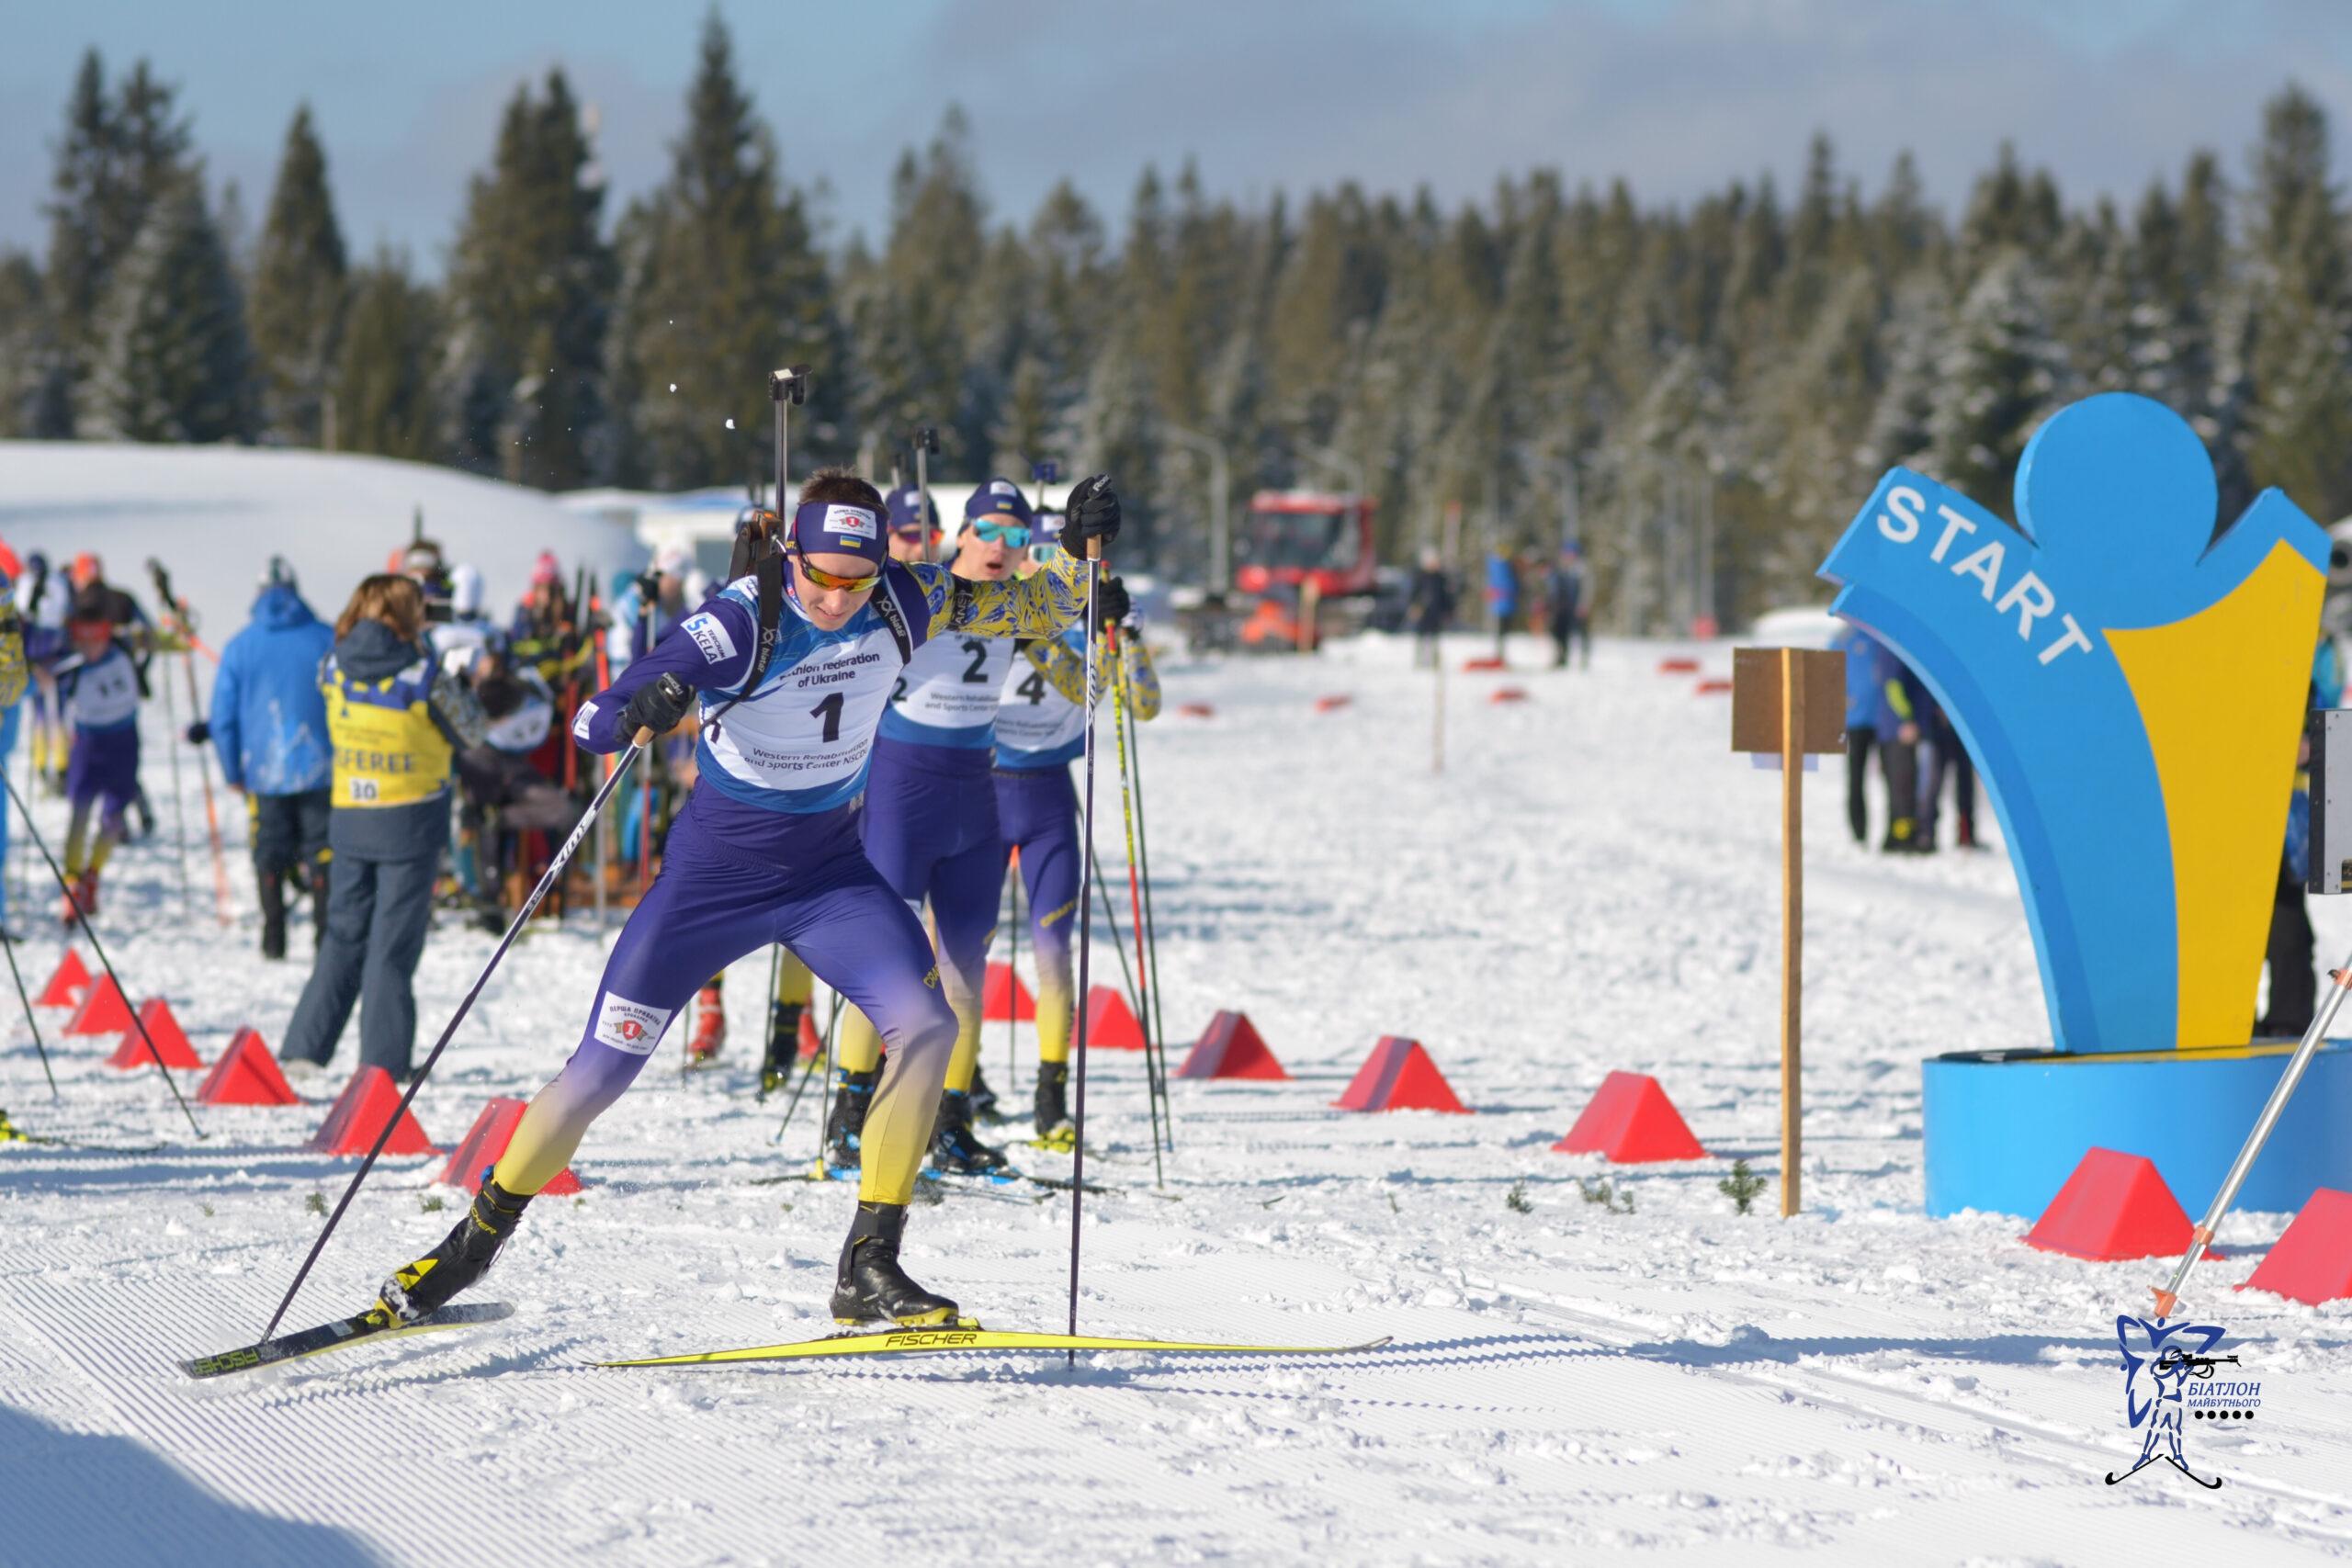 20 лютого на базі Західного реабілітаційно-спортивного центру НКСІУ стартувала юніорська першість країни з біатлону.